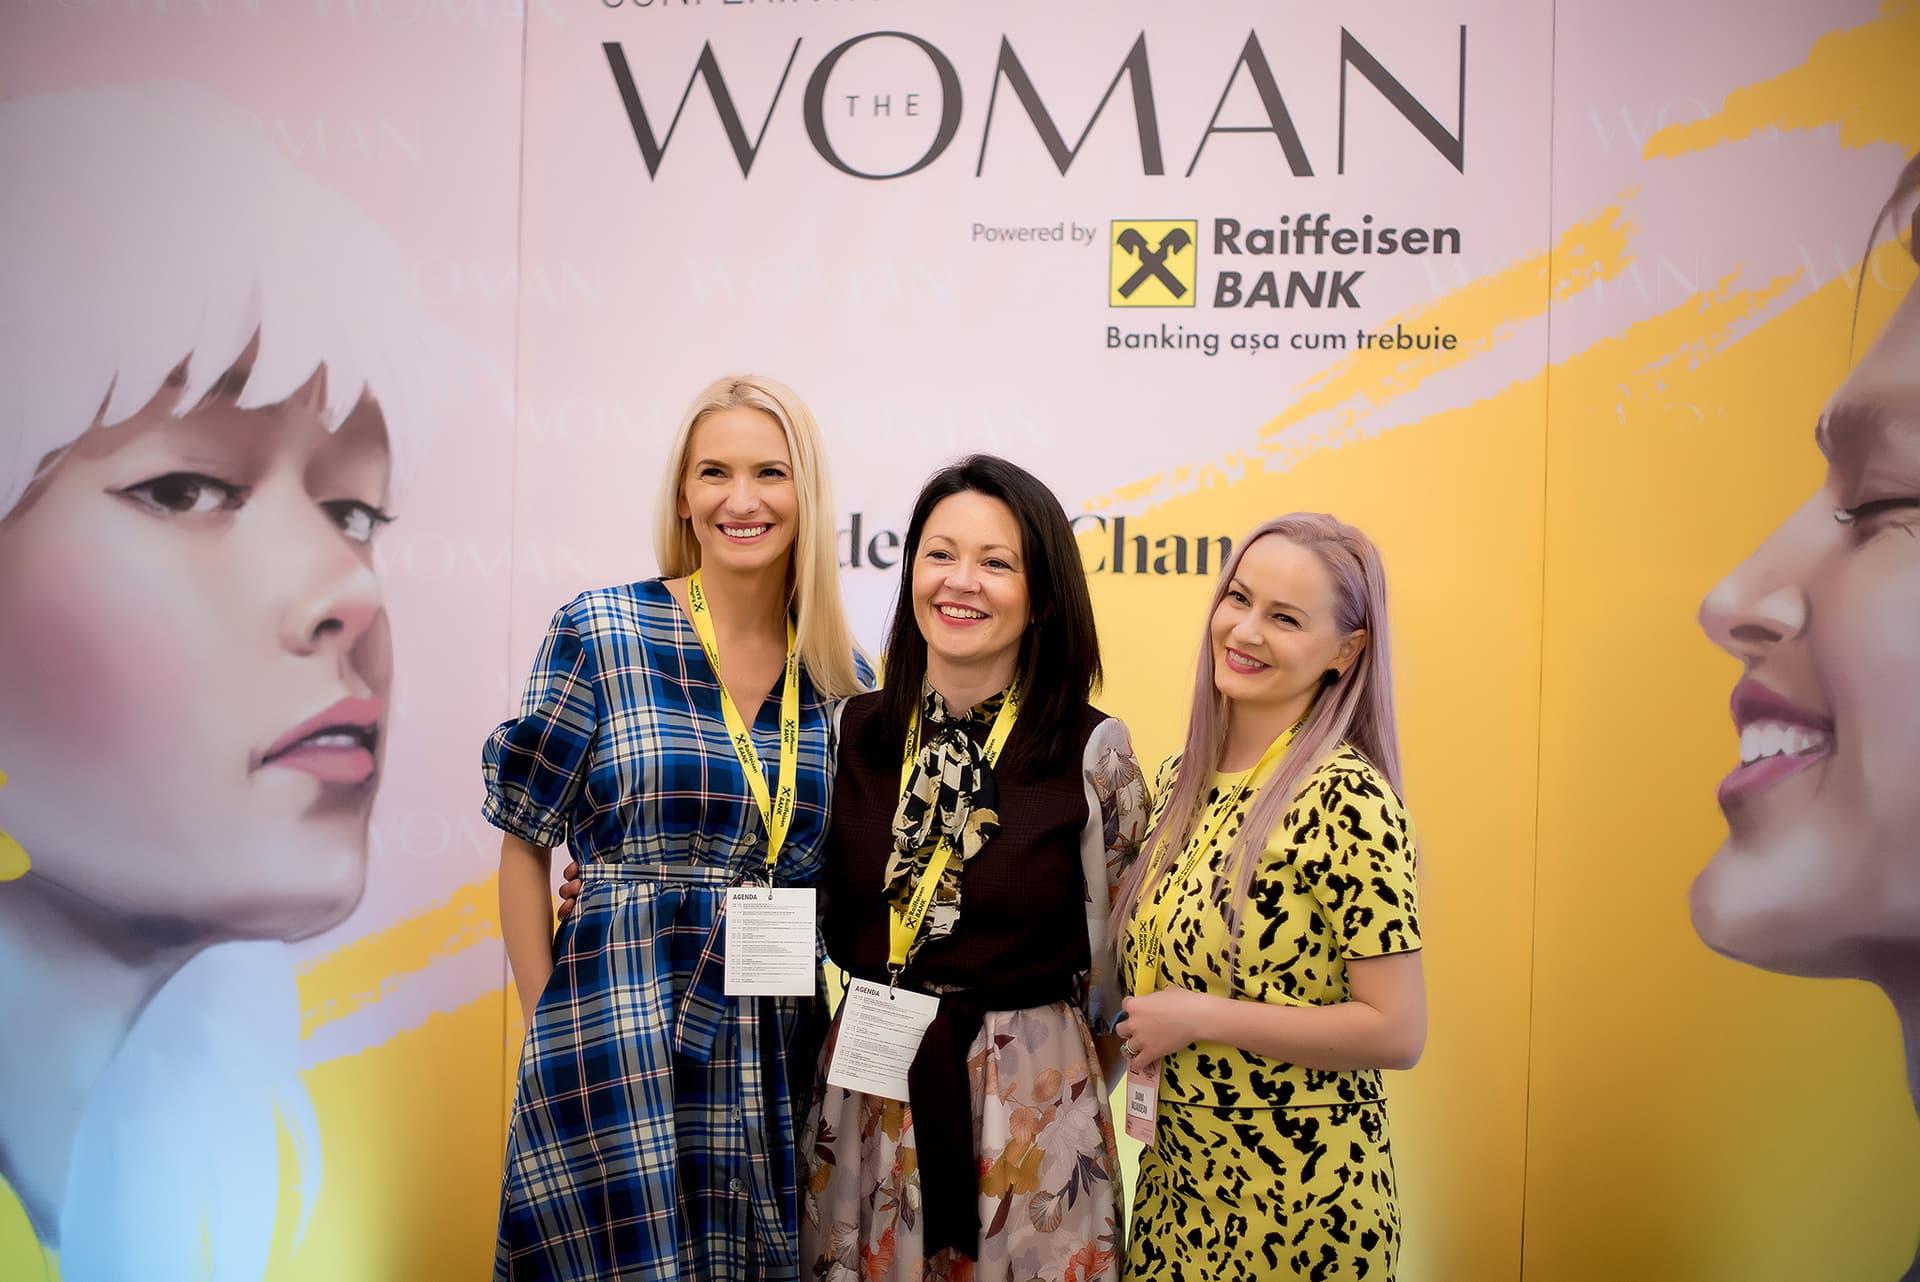 Comunitatea The Woman s-a reunit în 28 martie la Conferința de Leadership Feminin